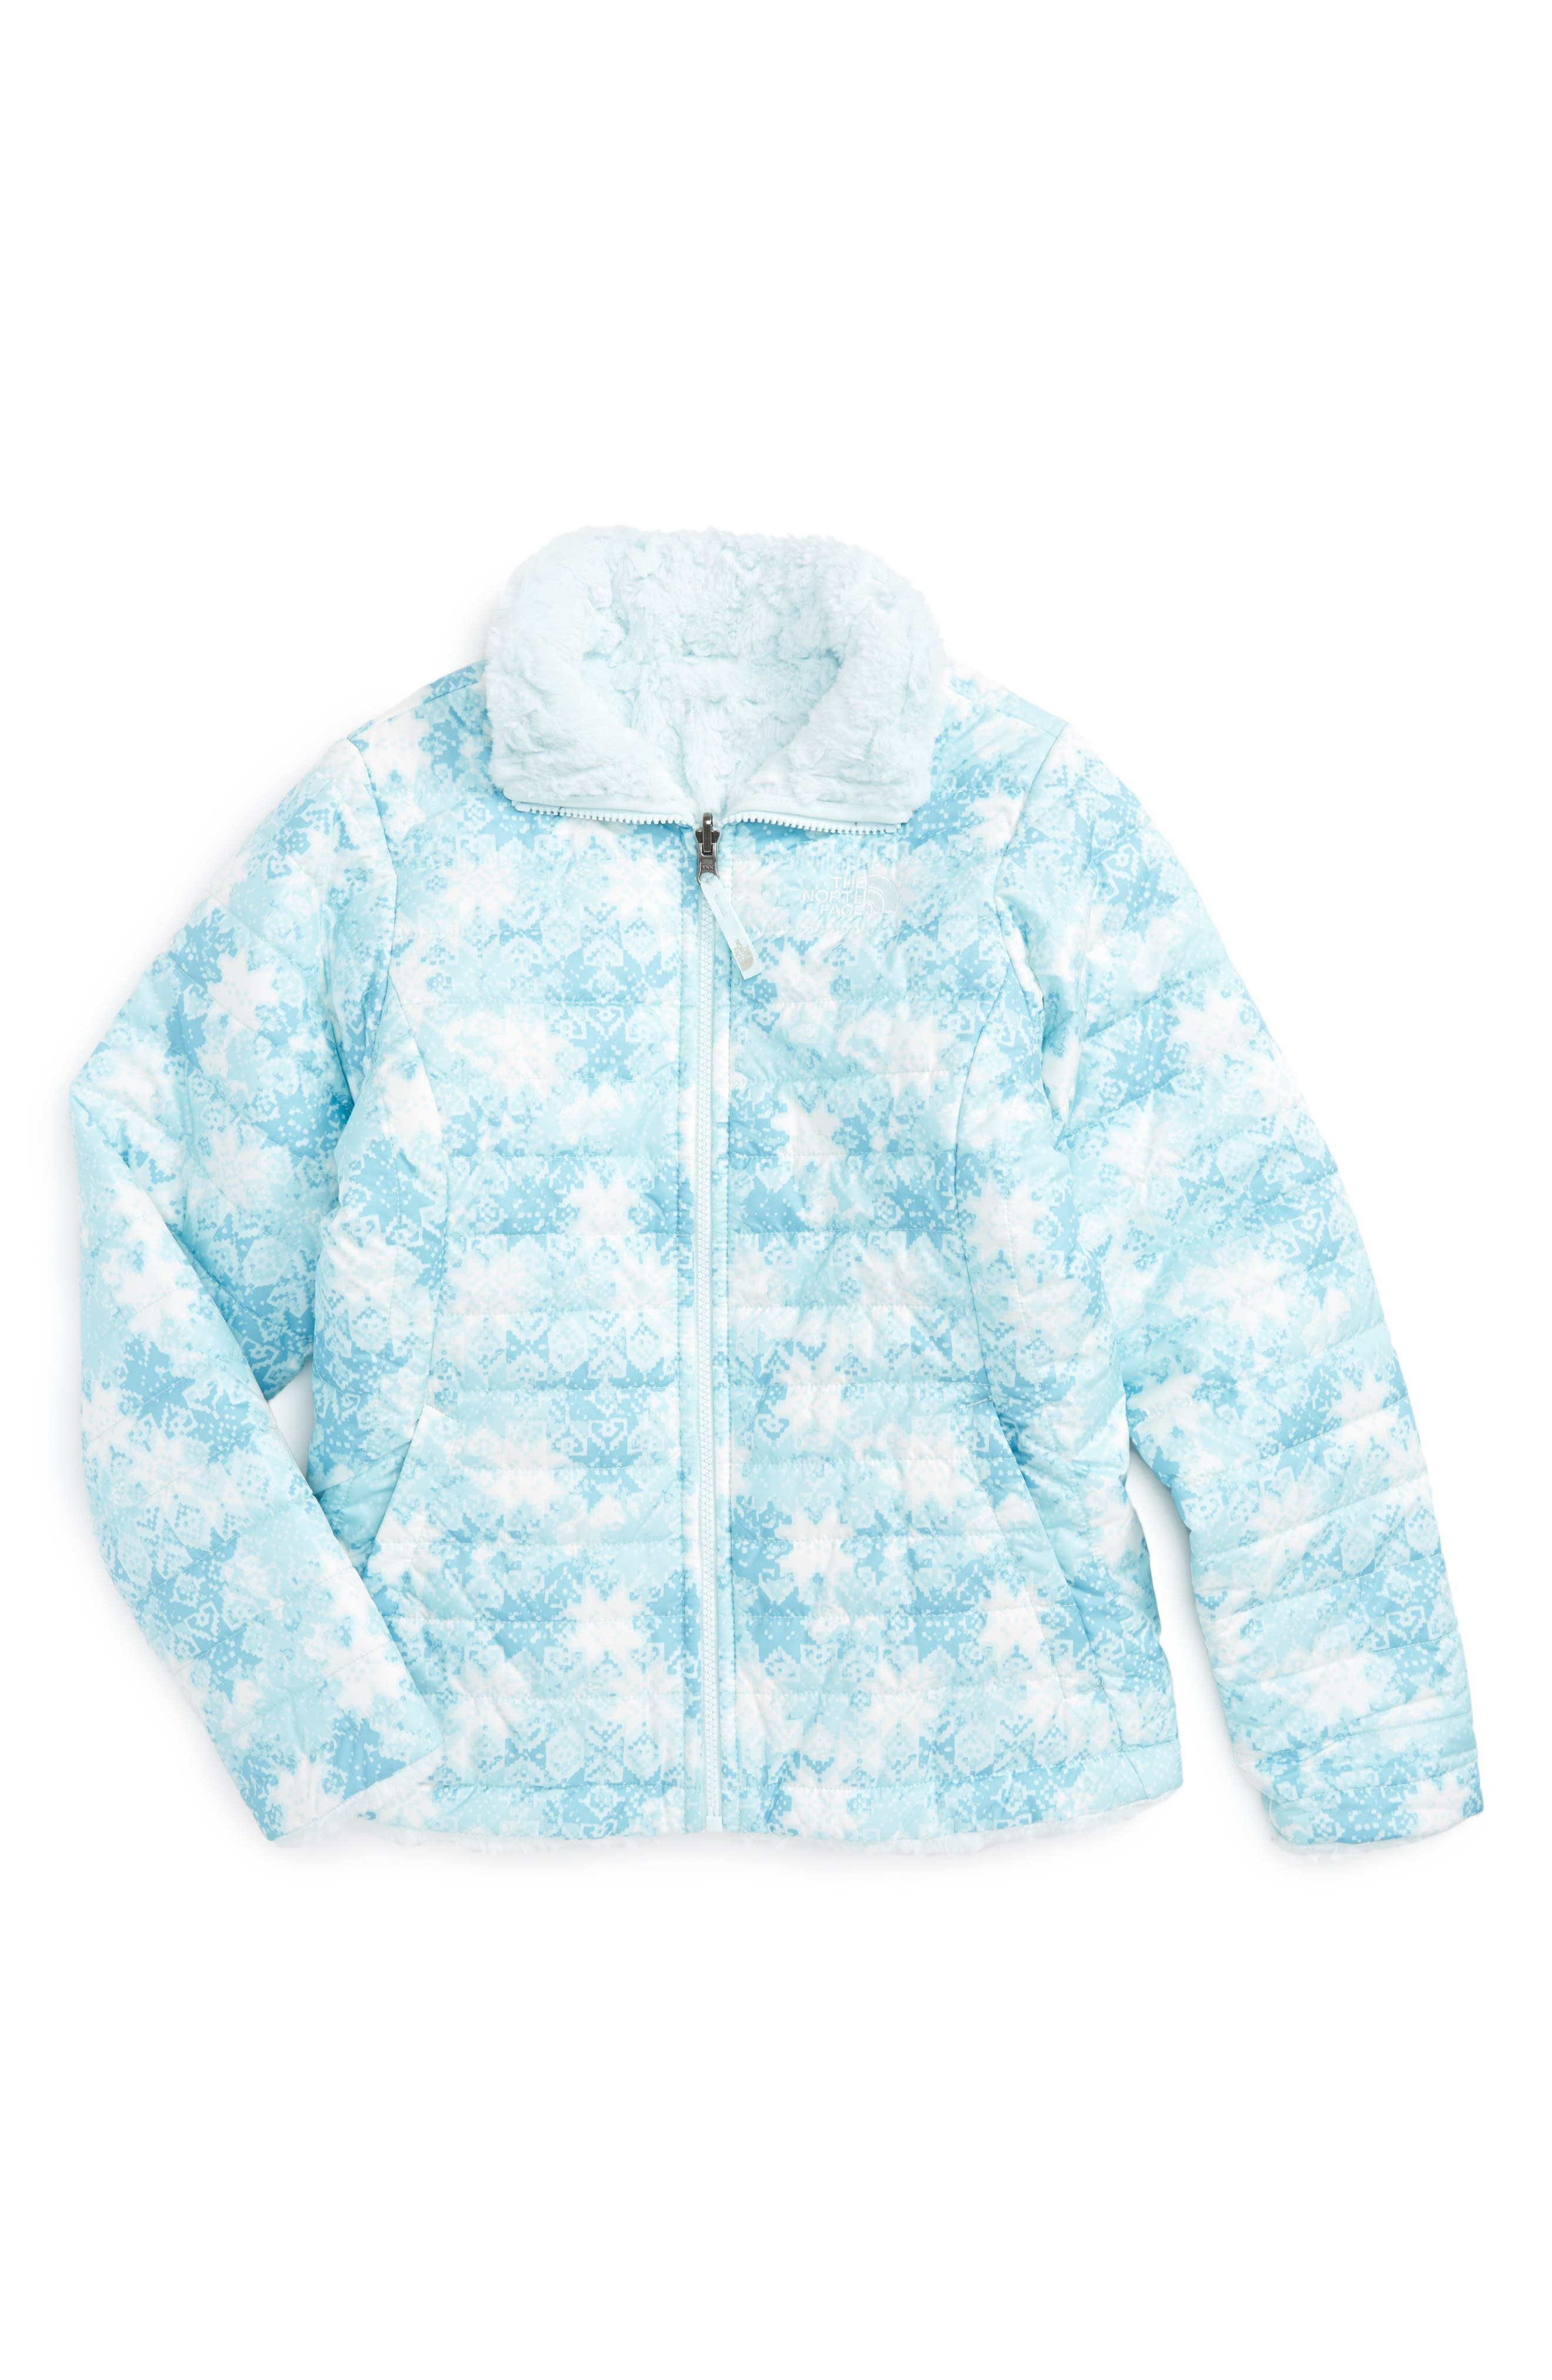 Mossbud Reversible Heatseeker<sup>™</sup> Wind Resistant Jacket,                         Main,                         color, Origin Blue Snowflake